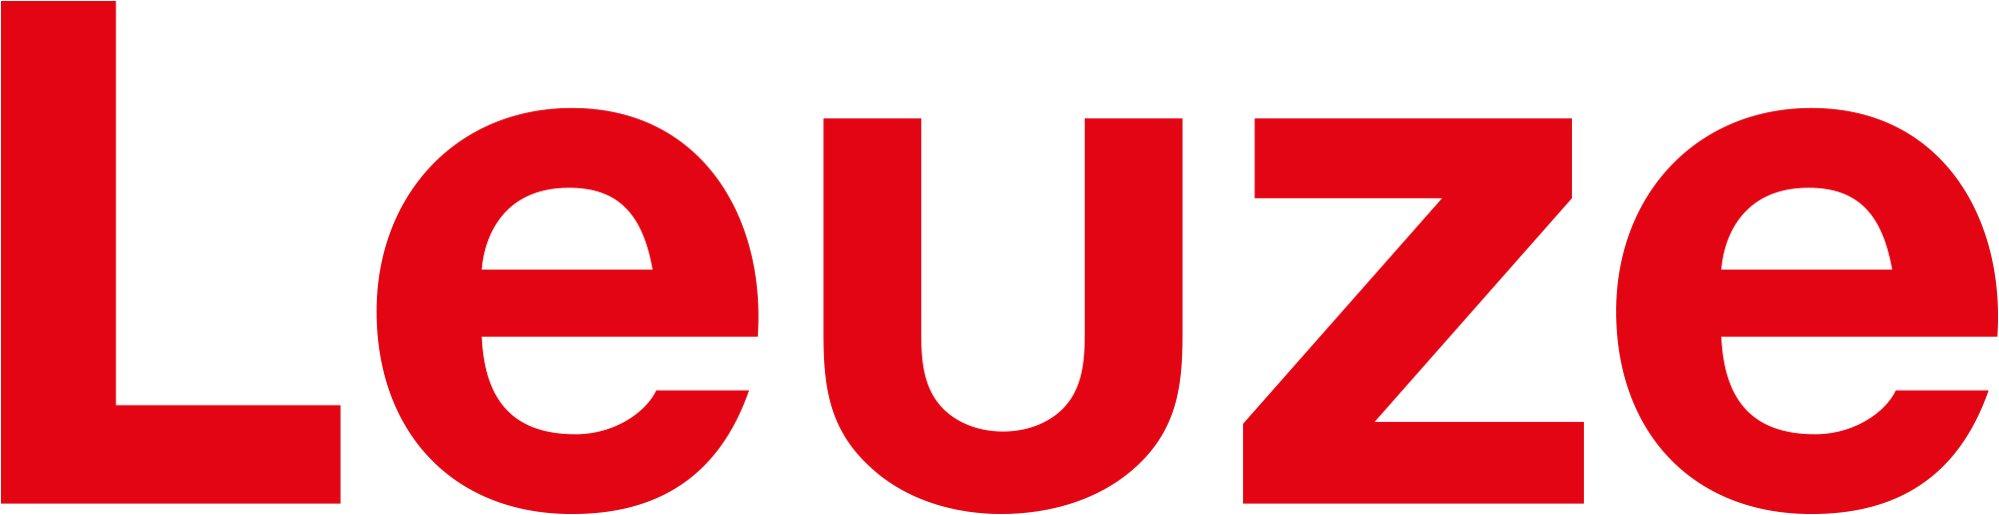 leuze_logo_red_rgb_large